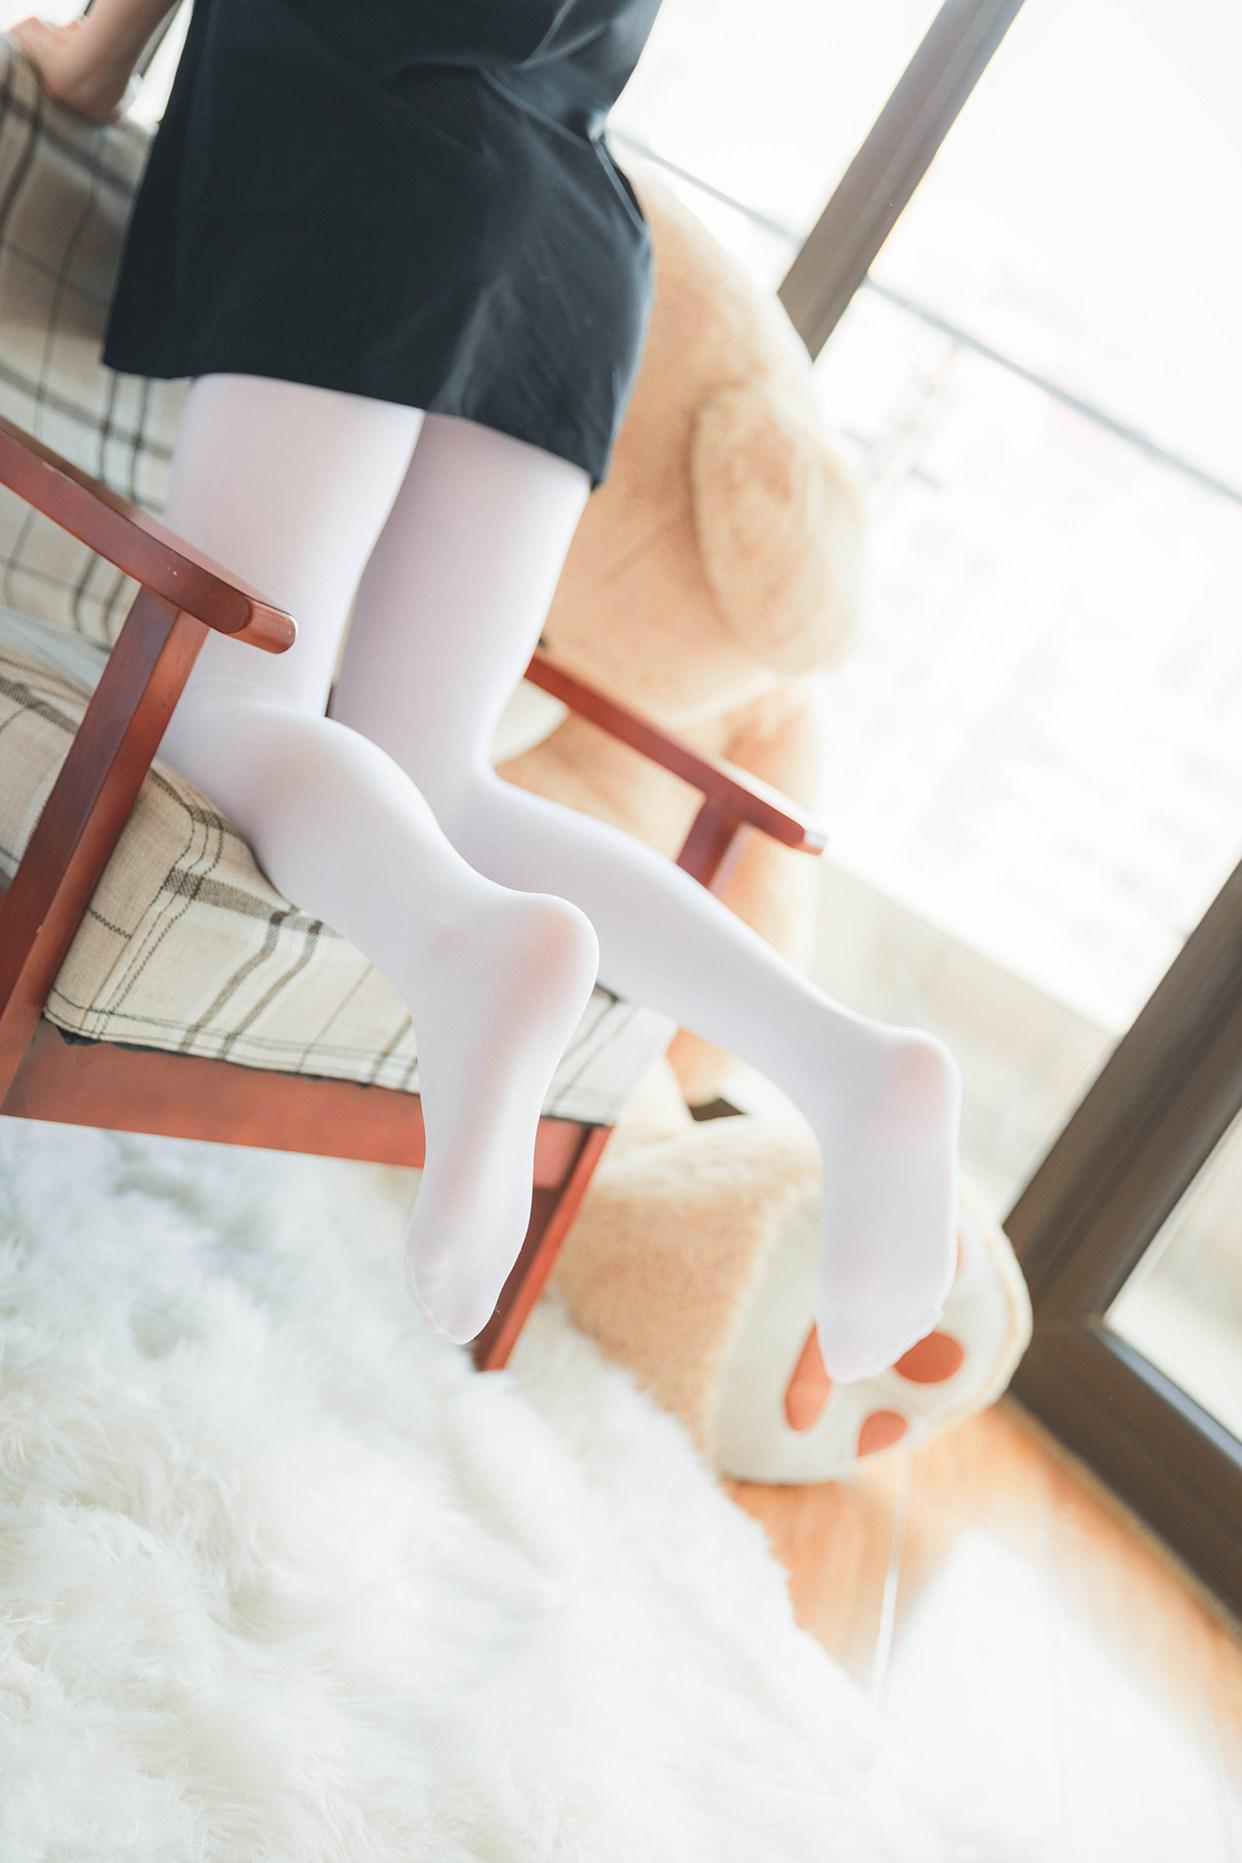 【兔玩映画】色即是空 · 白丝福利 兔玩映画 第2张